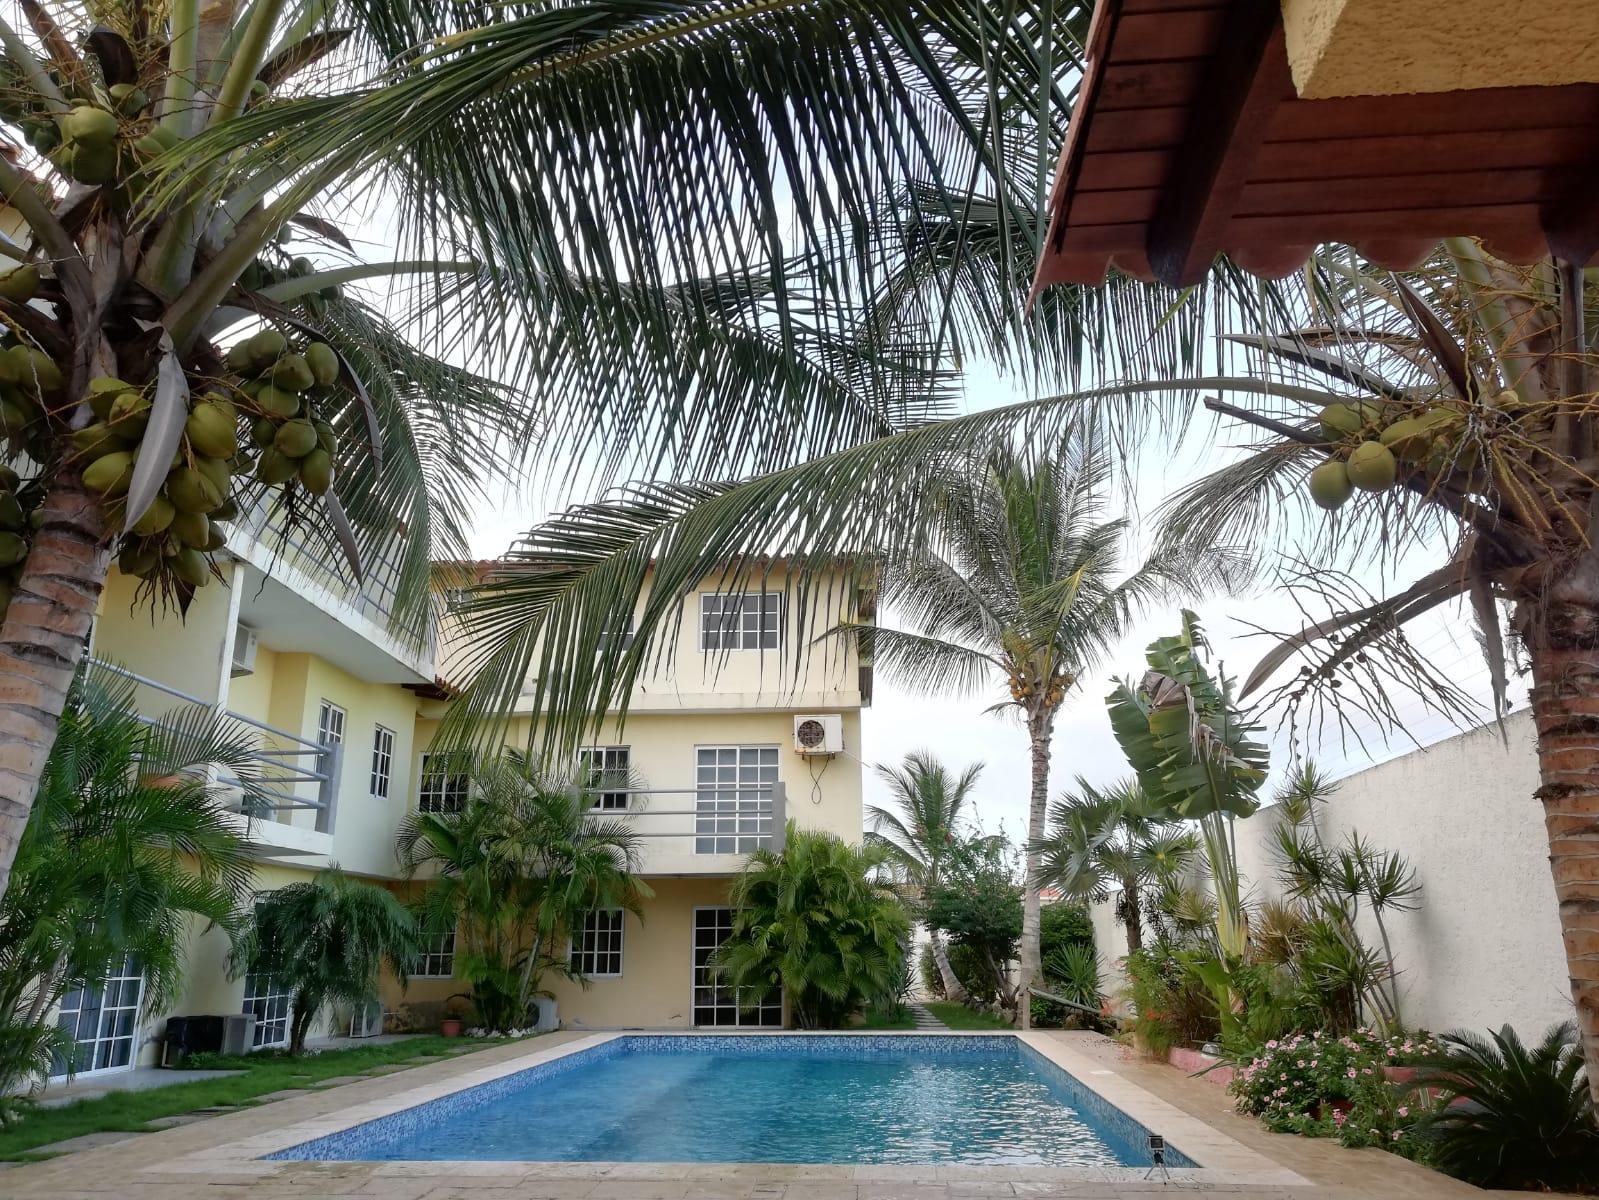 Апартаменты на о. Маргарита в 300 метрах от моря – предложение от собственника